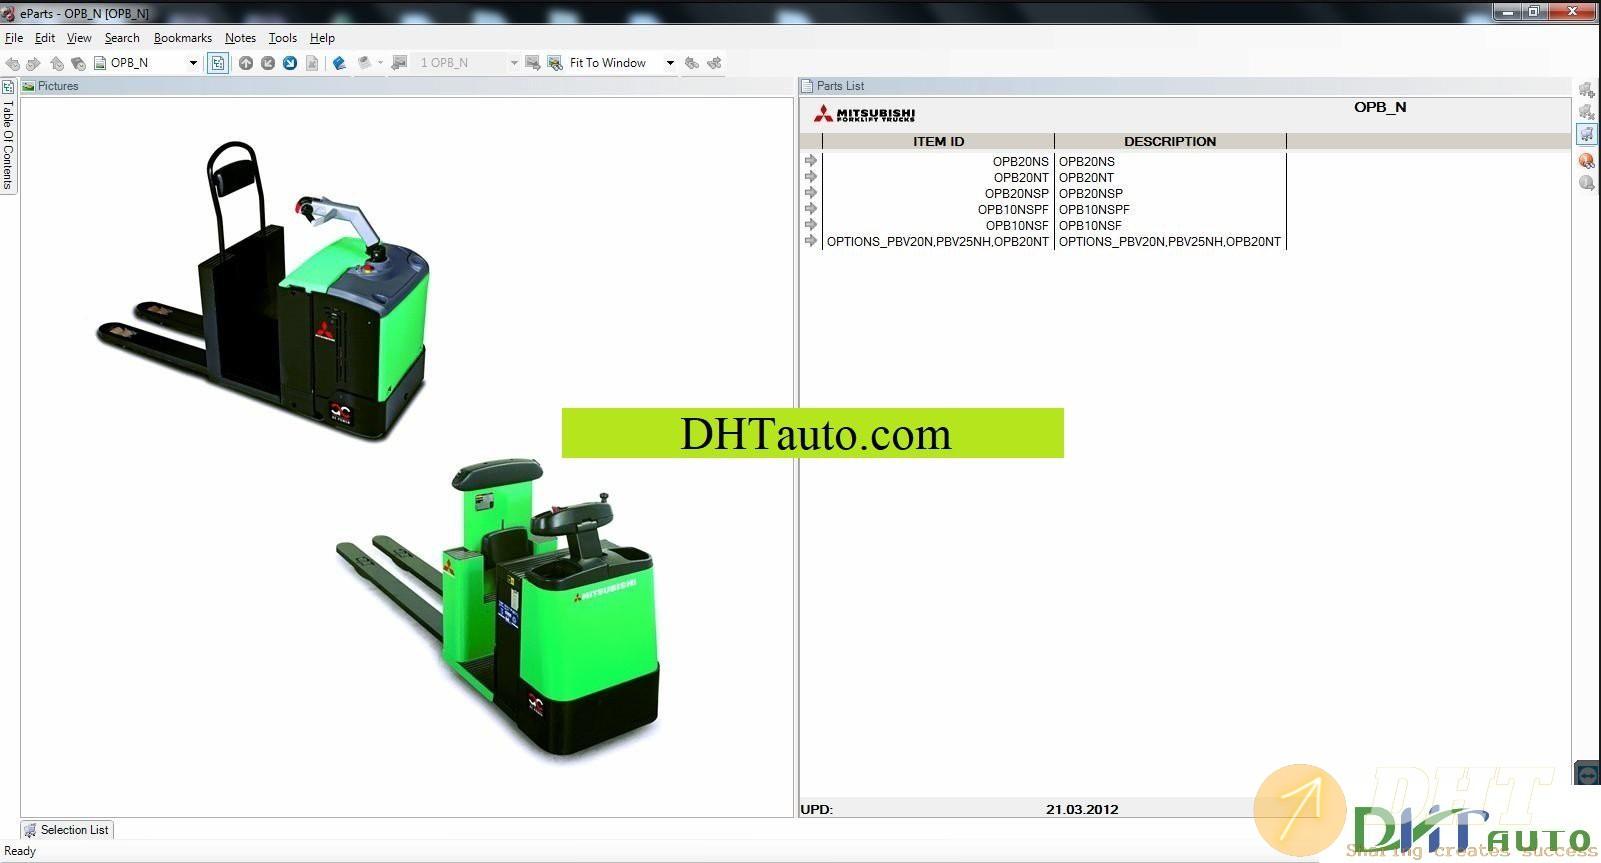 Mitsubishi-Forklift-Trucks-Eparts-Version-5.10-06-2013-7.jpg